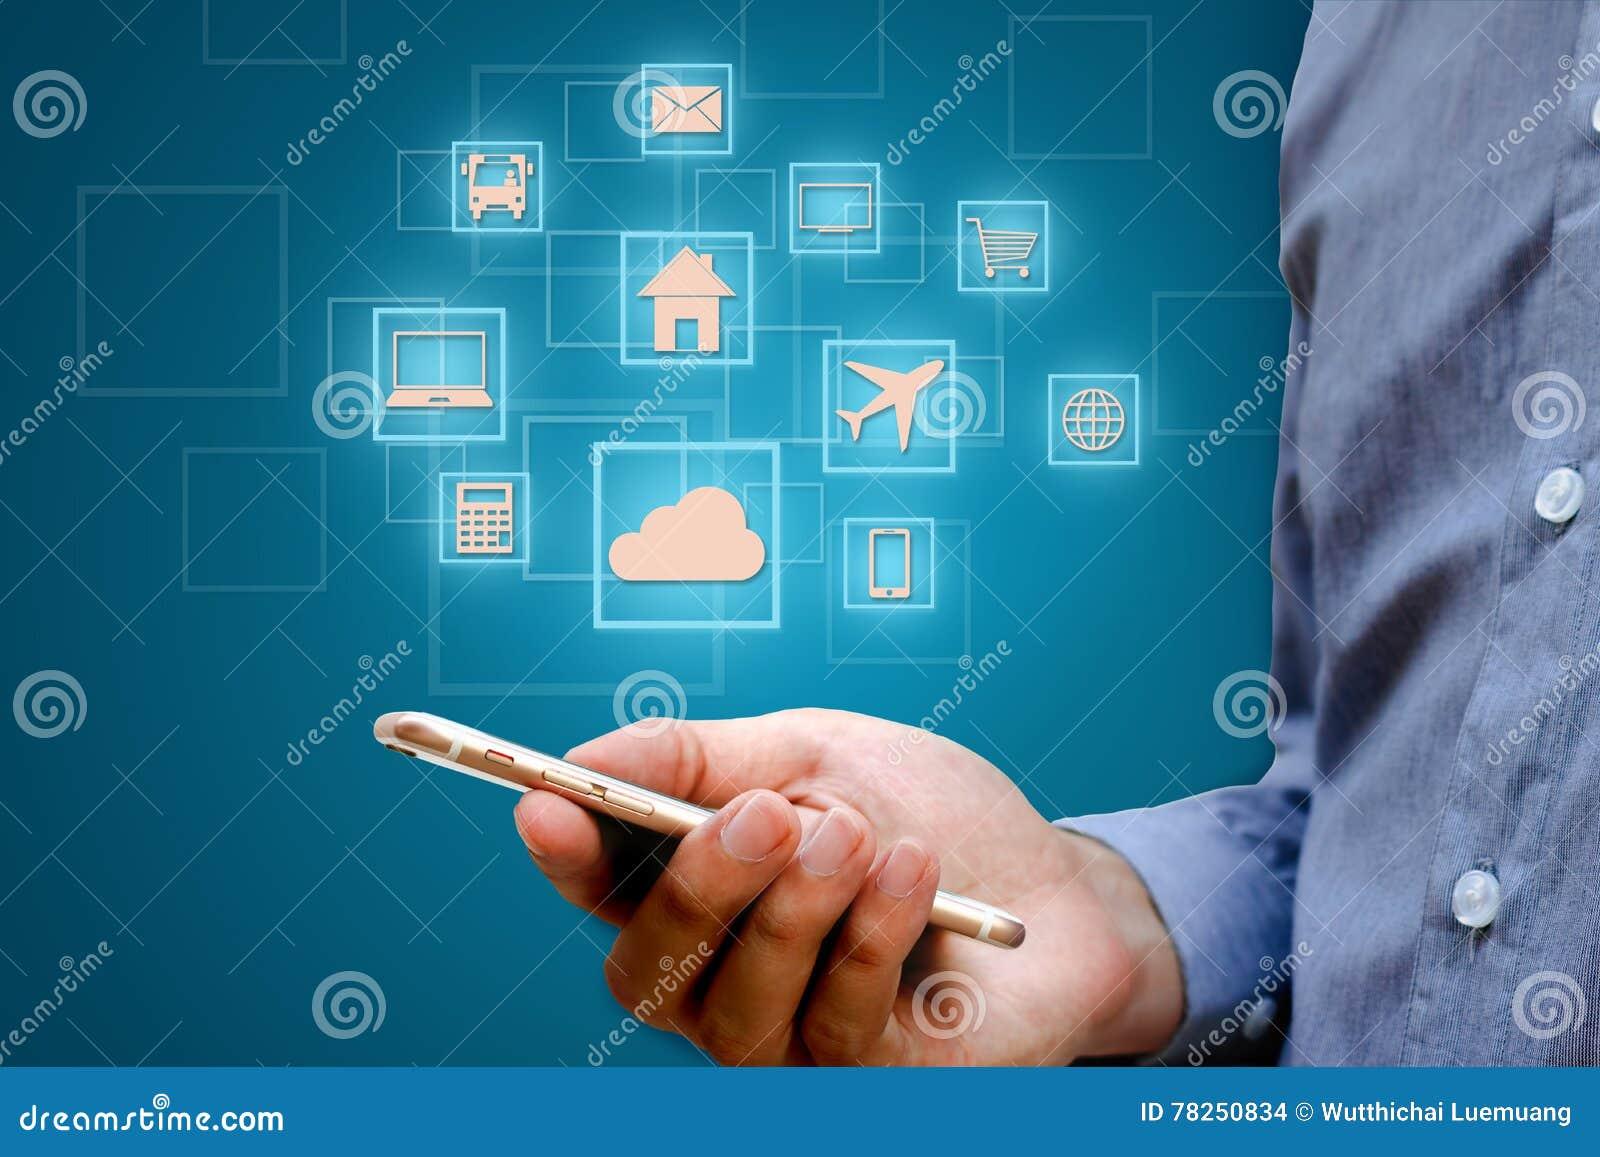 Διαδίκτυο των πραγμάτων & x28 IOT& x29  έννοια Επιχειρηματίας που κρατά το έξυπνο τηλέφωνο και το ασύρματο δίκτυο επικοινωνίας